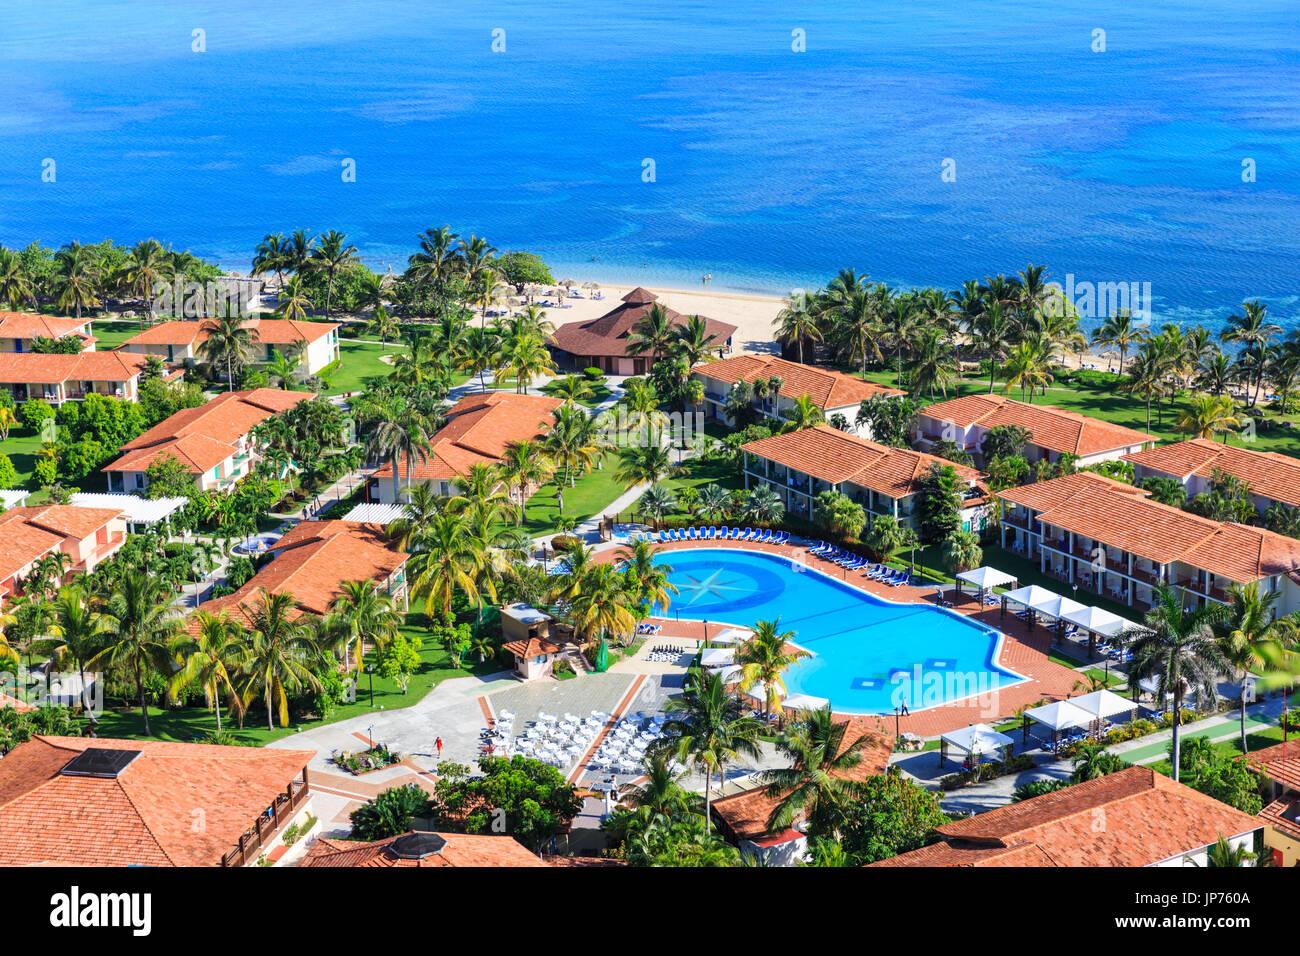 Ricordi Jibacoa Hotel con piscina e spiaggia dal di sopra, Cuba Immagini Stock